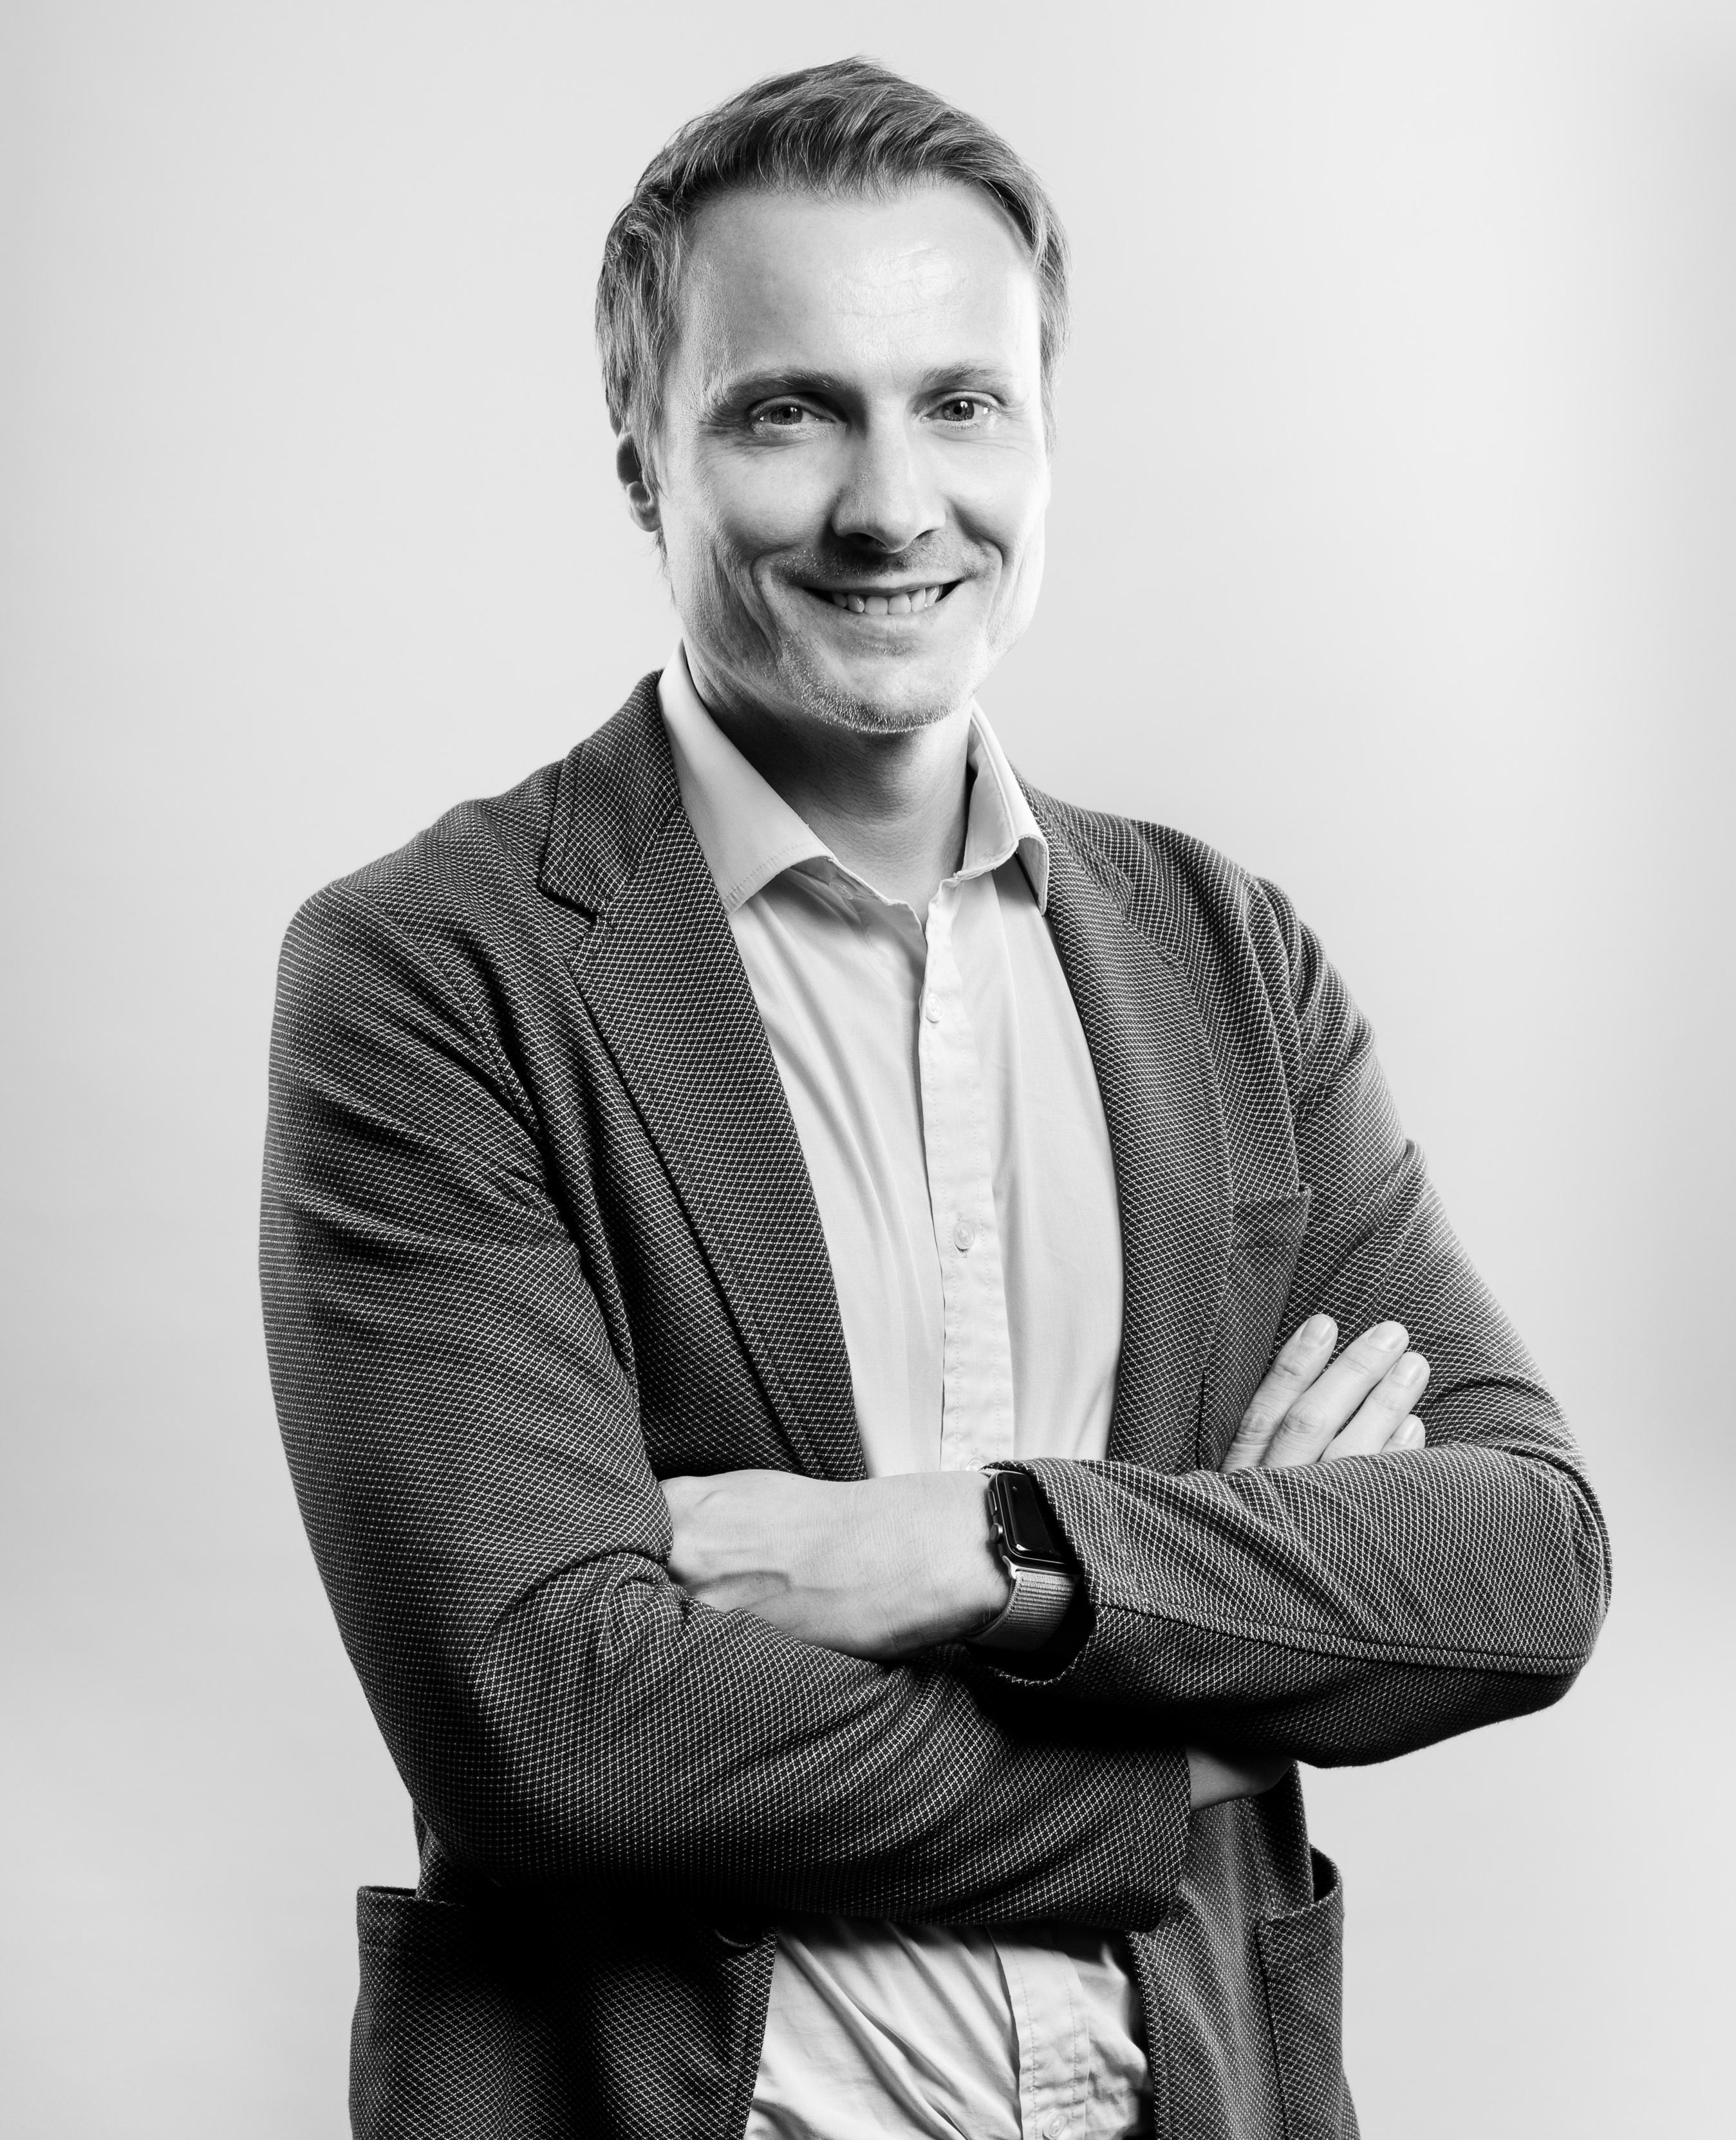 Michal Tomanek